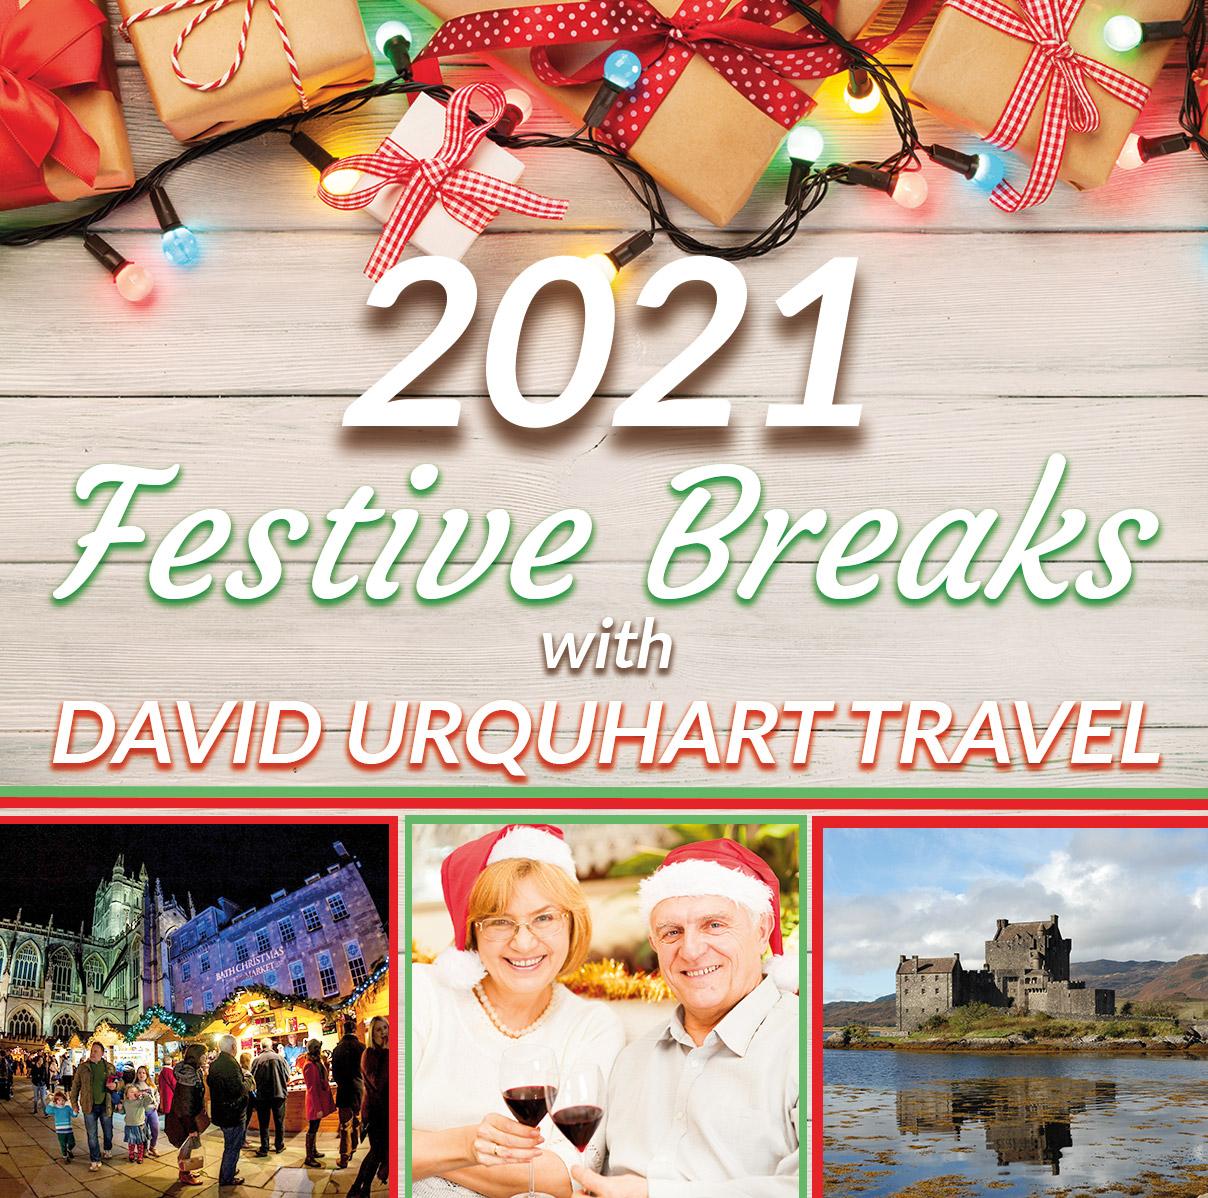 Festive Breaks